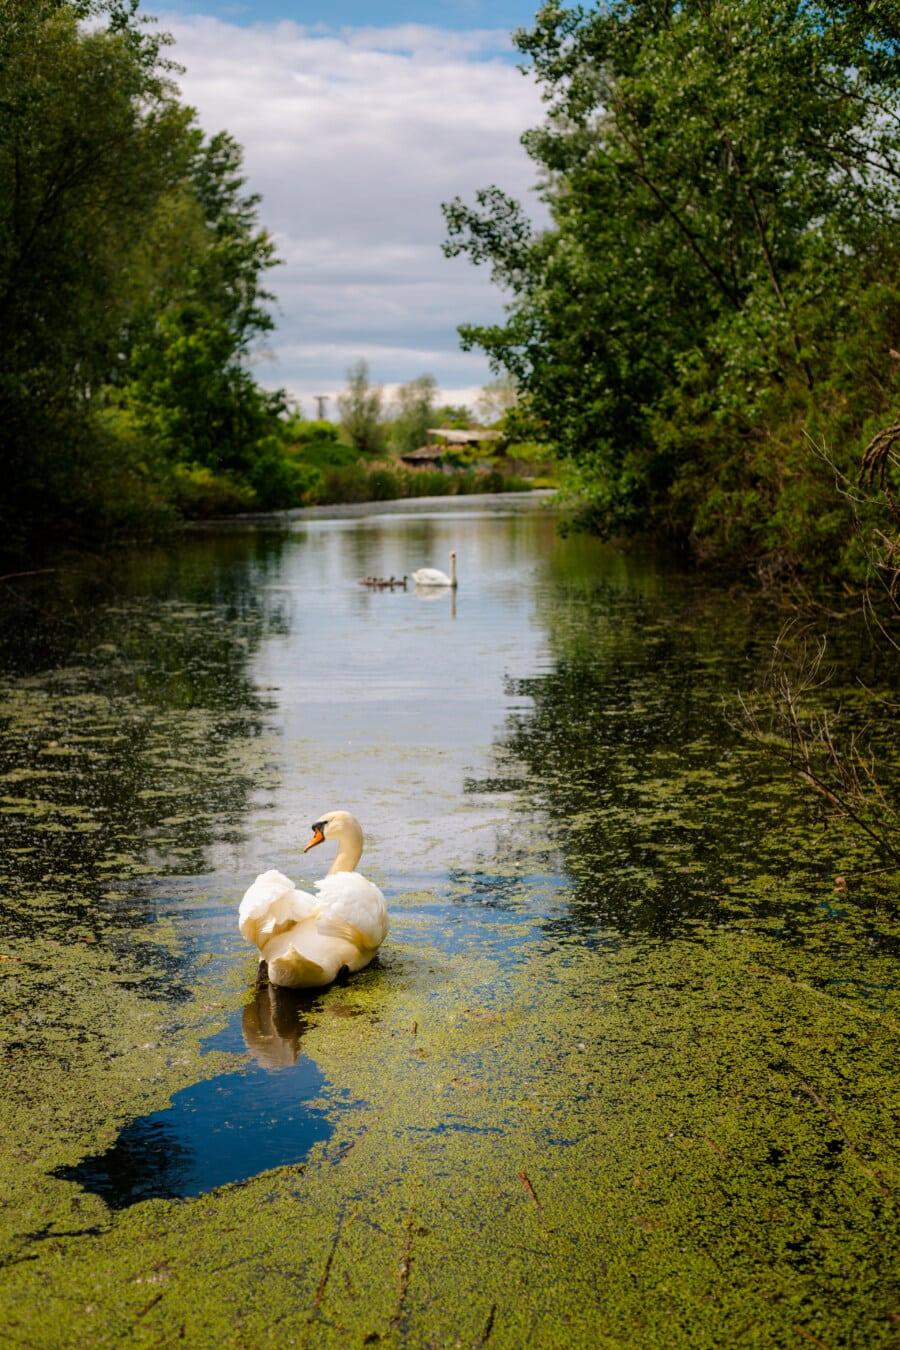 berge, canal, famille d'oiseaux, cygne, eau, Lac, rive, réflexion, au bord du lac, piscine